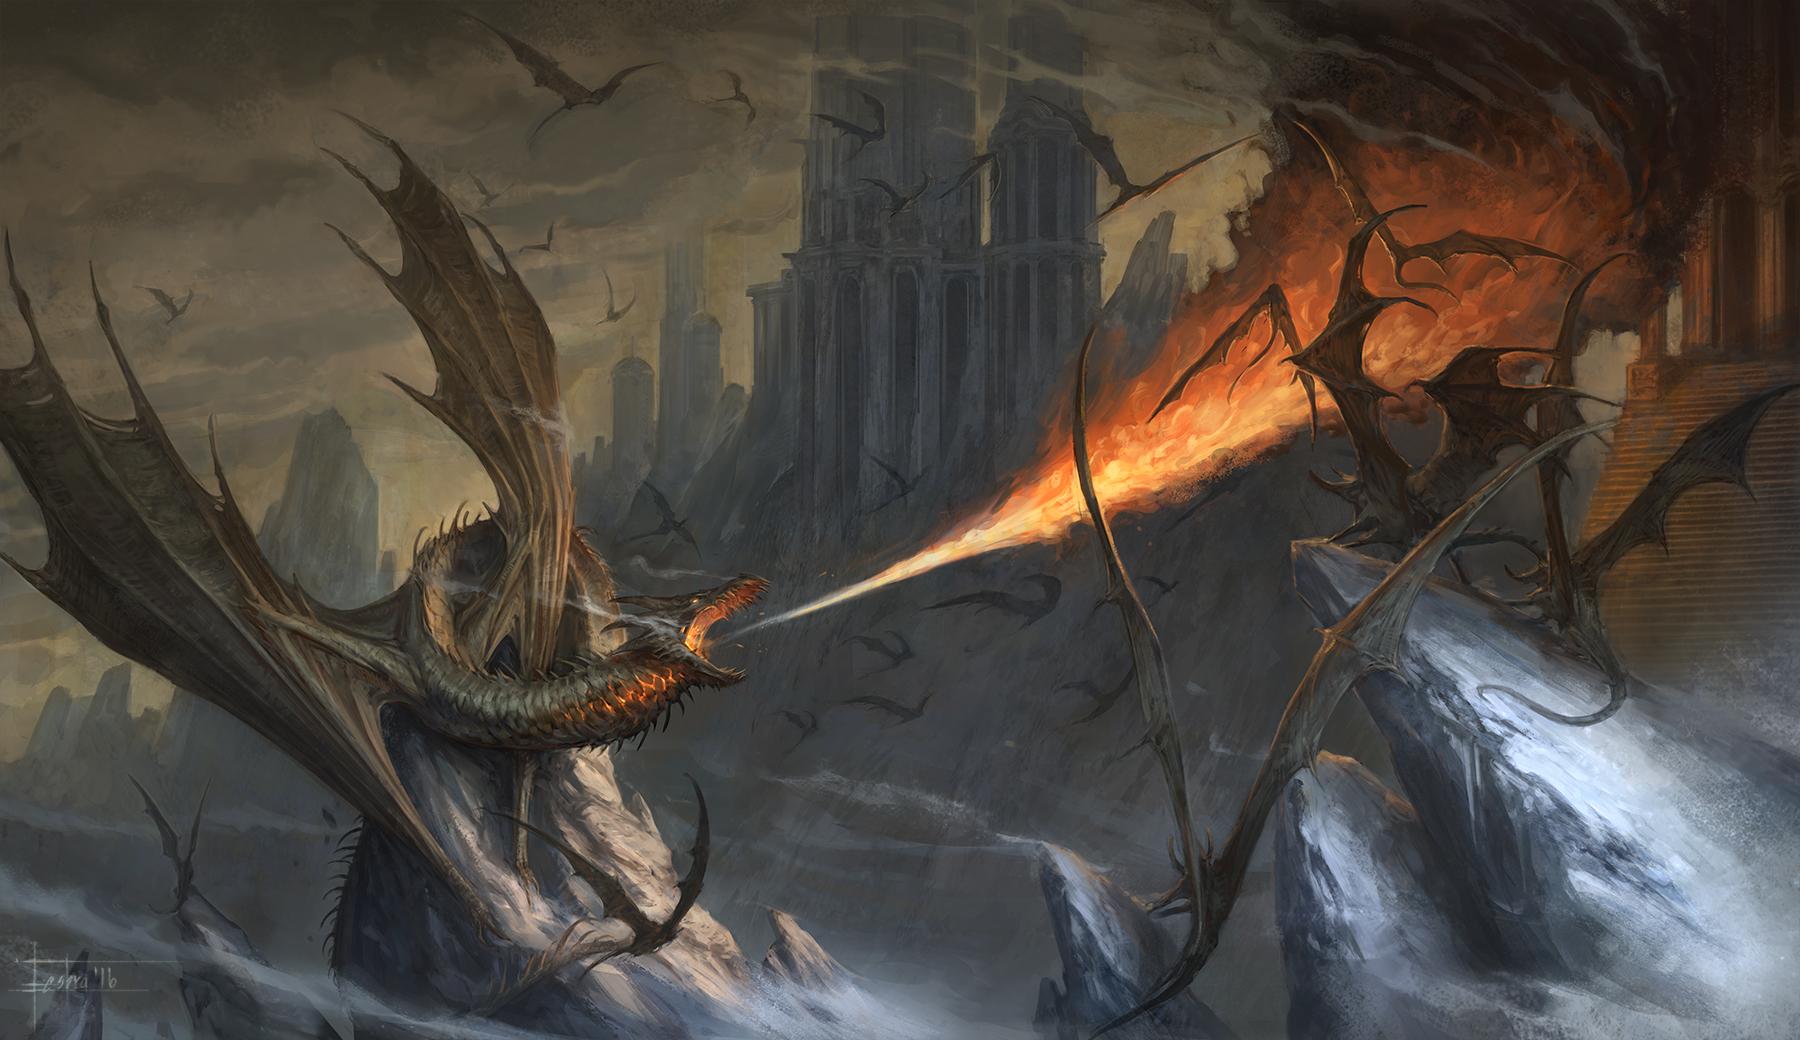 1464-the-dragon-and-the-drakes-felipe-escobar-bravo